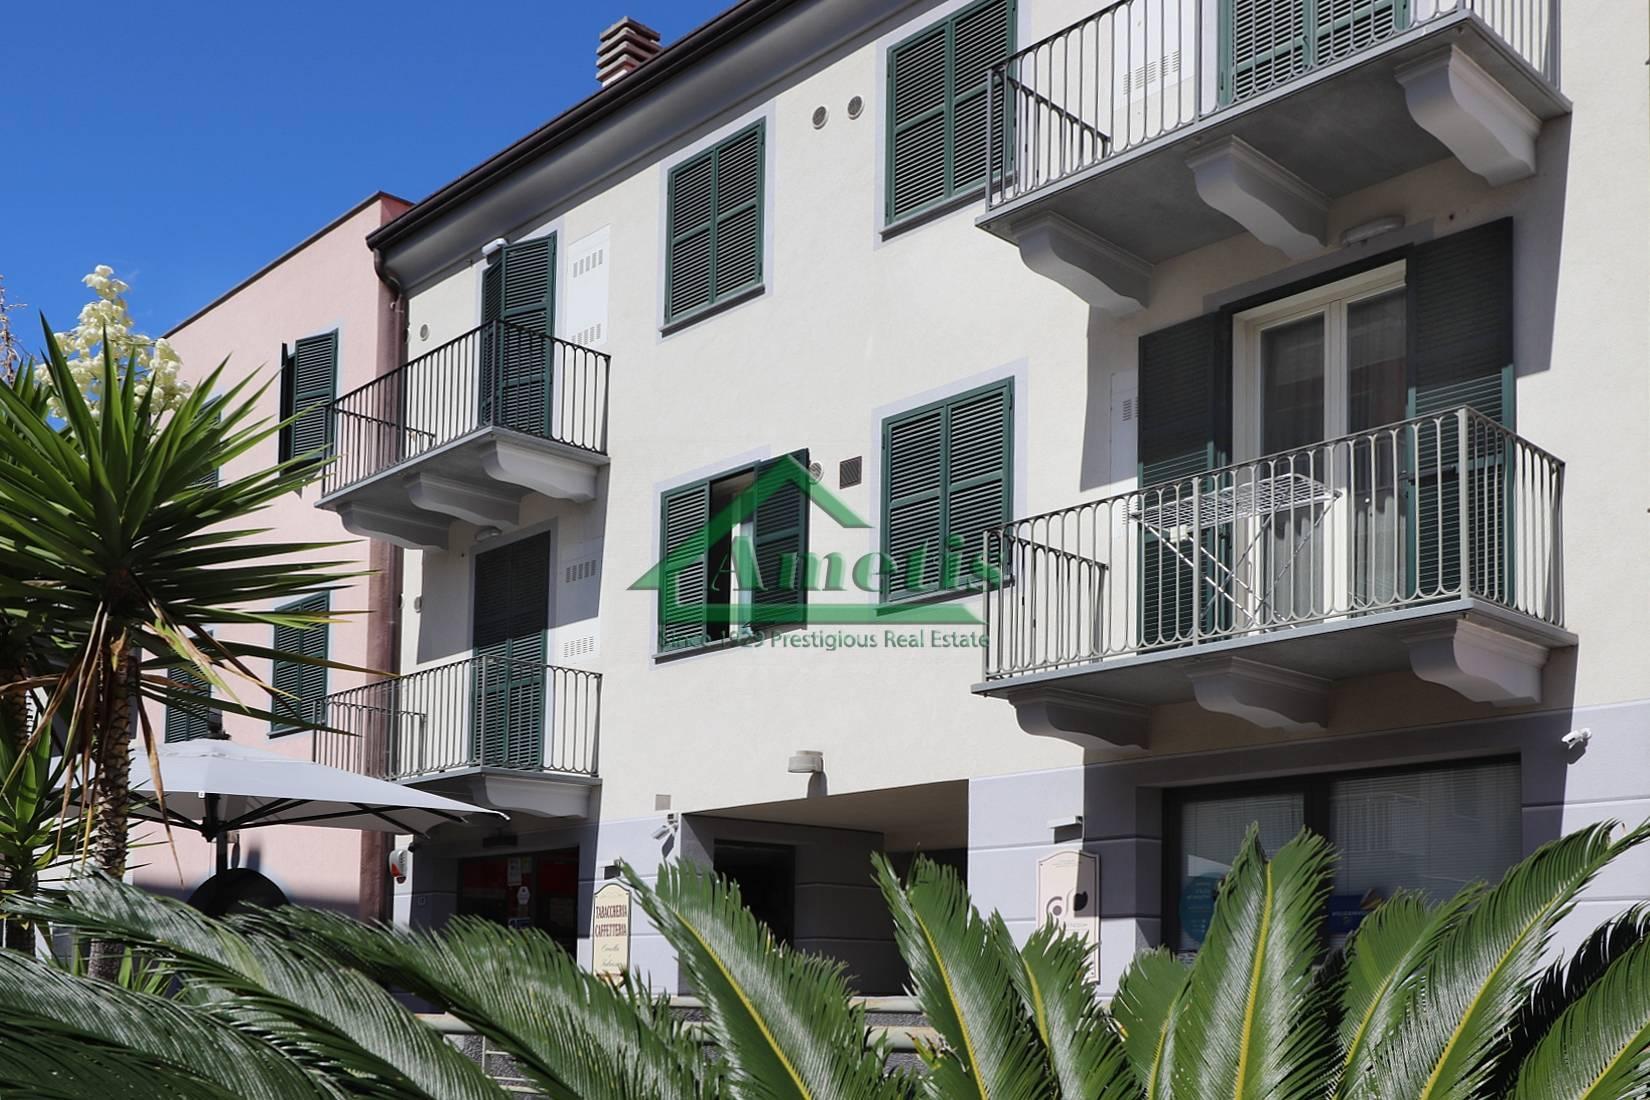 Appartamento in vendita a San Bartolomeo al Mare, 2 locali, prezzo € 246.000 | CambioCasa.it